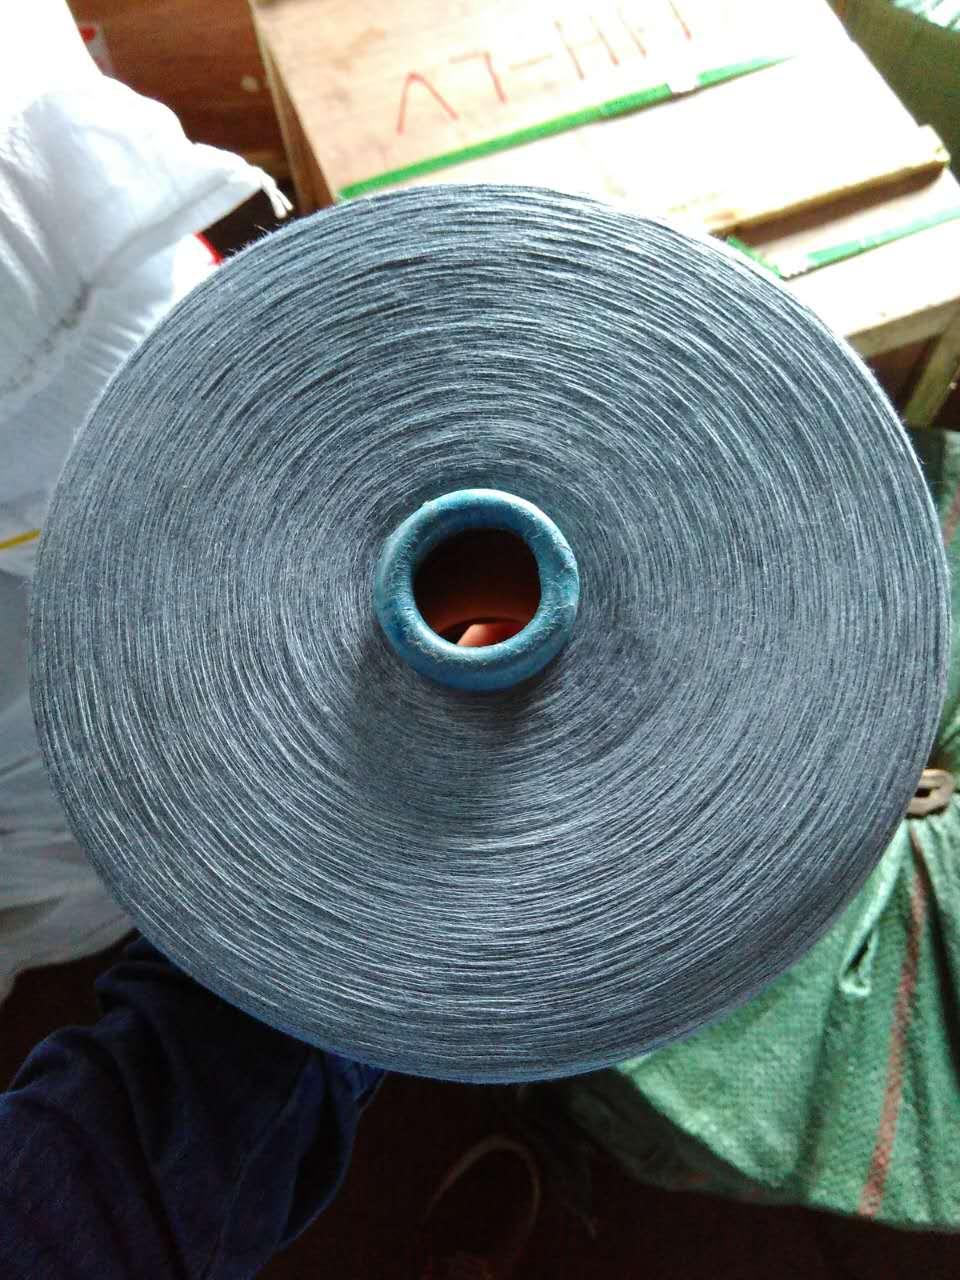 吉尔吉斯斯坦32/1 有色涤纶线23吨